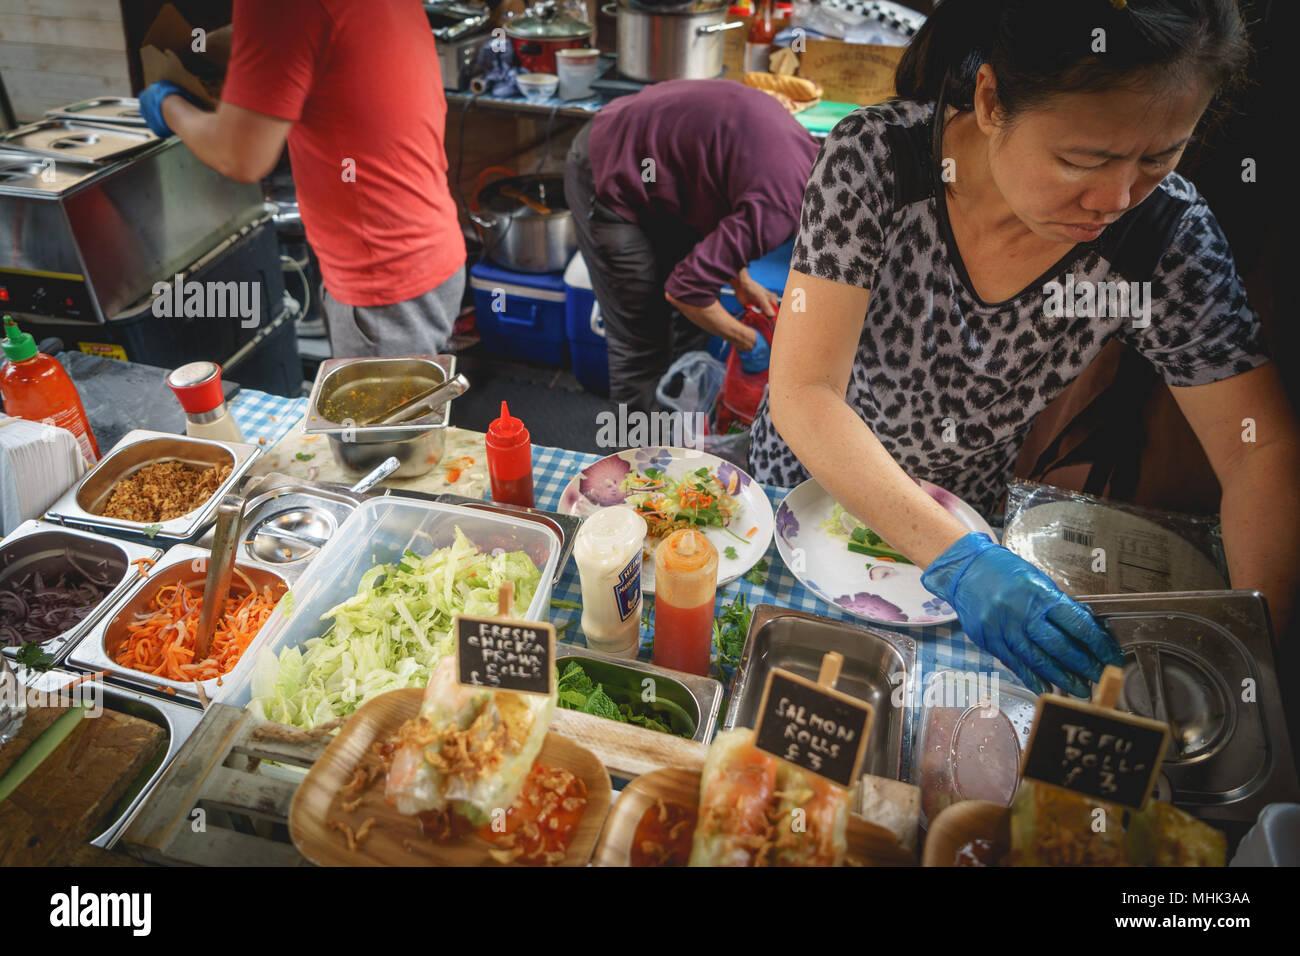 4f2796ea347e Asian street food stall in Greenwich Market. Landscape format.